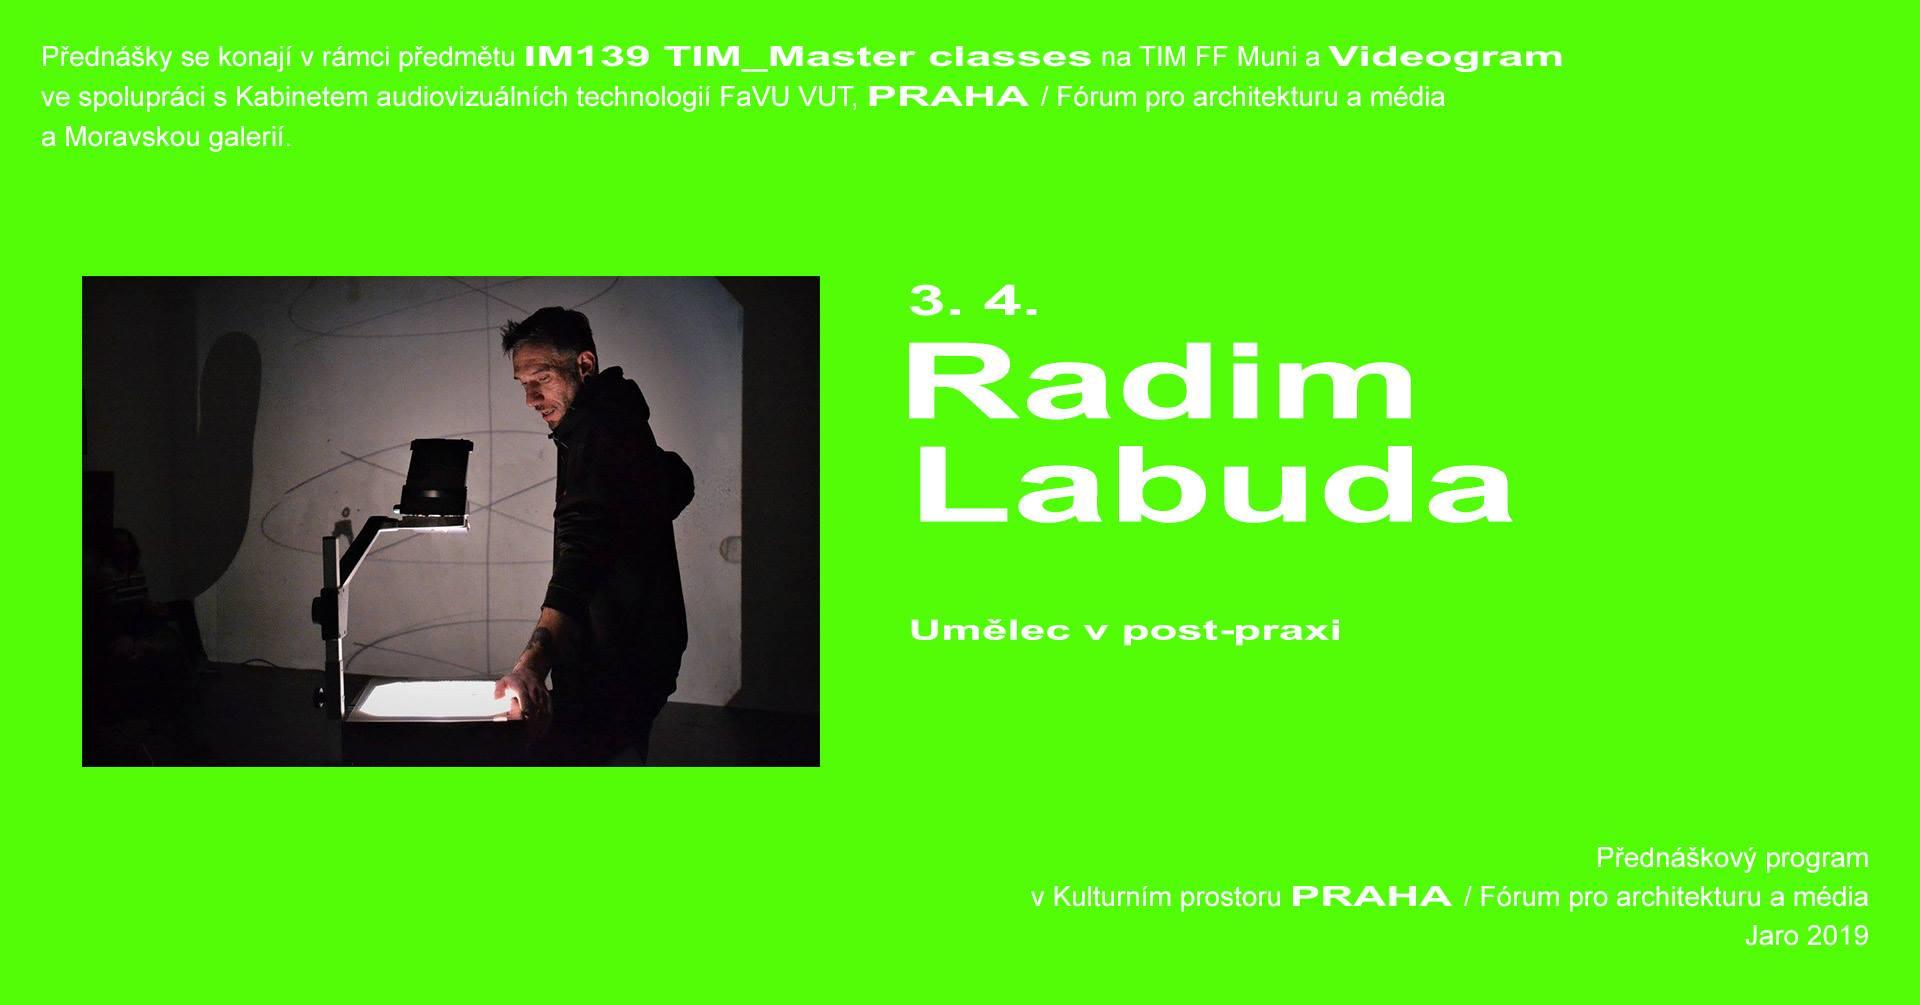 ST / 3.4. / 19.00 / Videogram 86 / TIM Master class: Radim Labuda – Umělec v post-praxi / přednáška, projekce